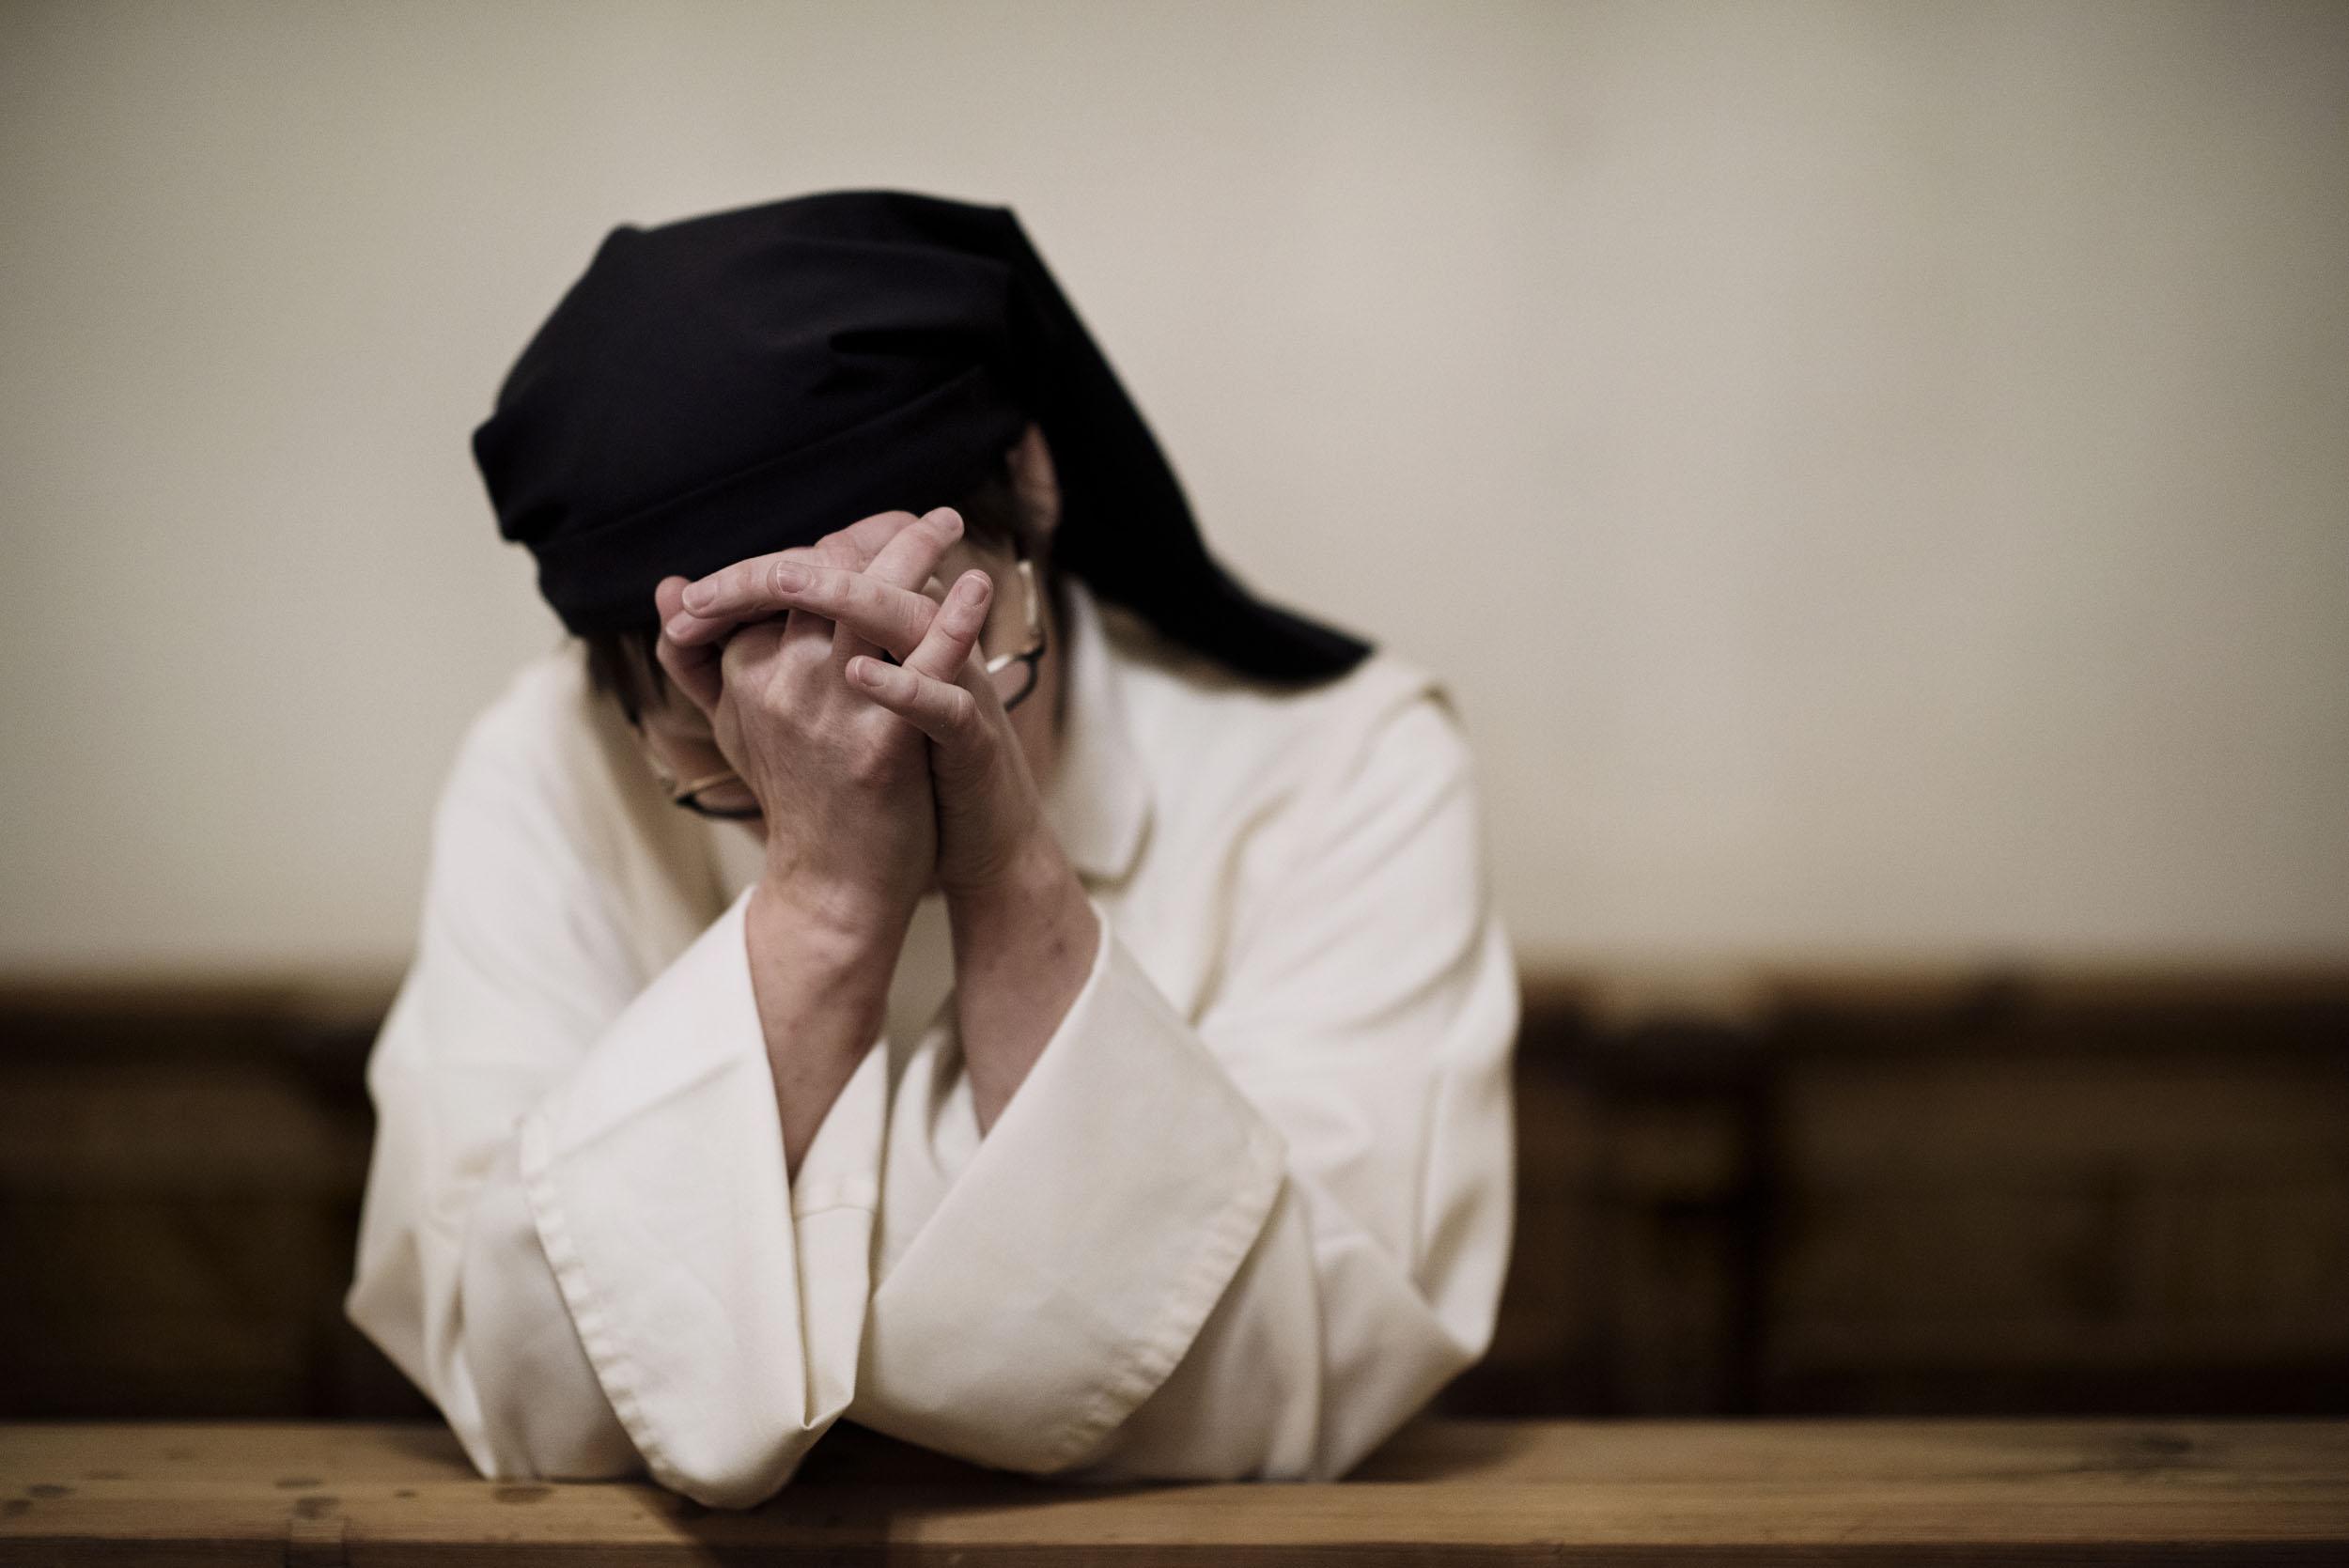 Sister Ane-Elisabet Røer